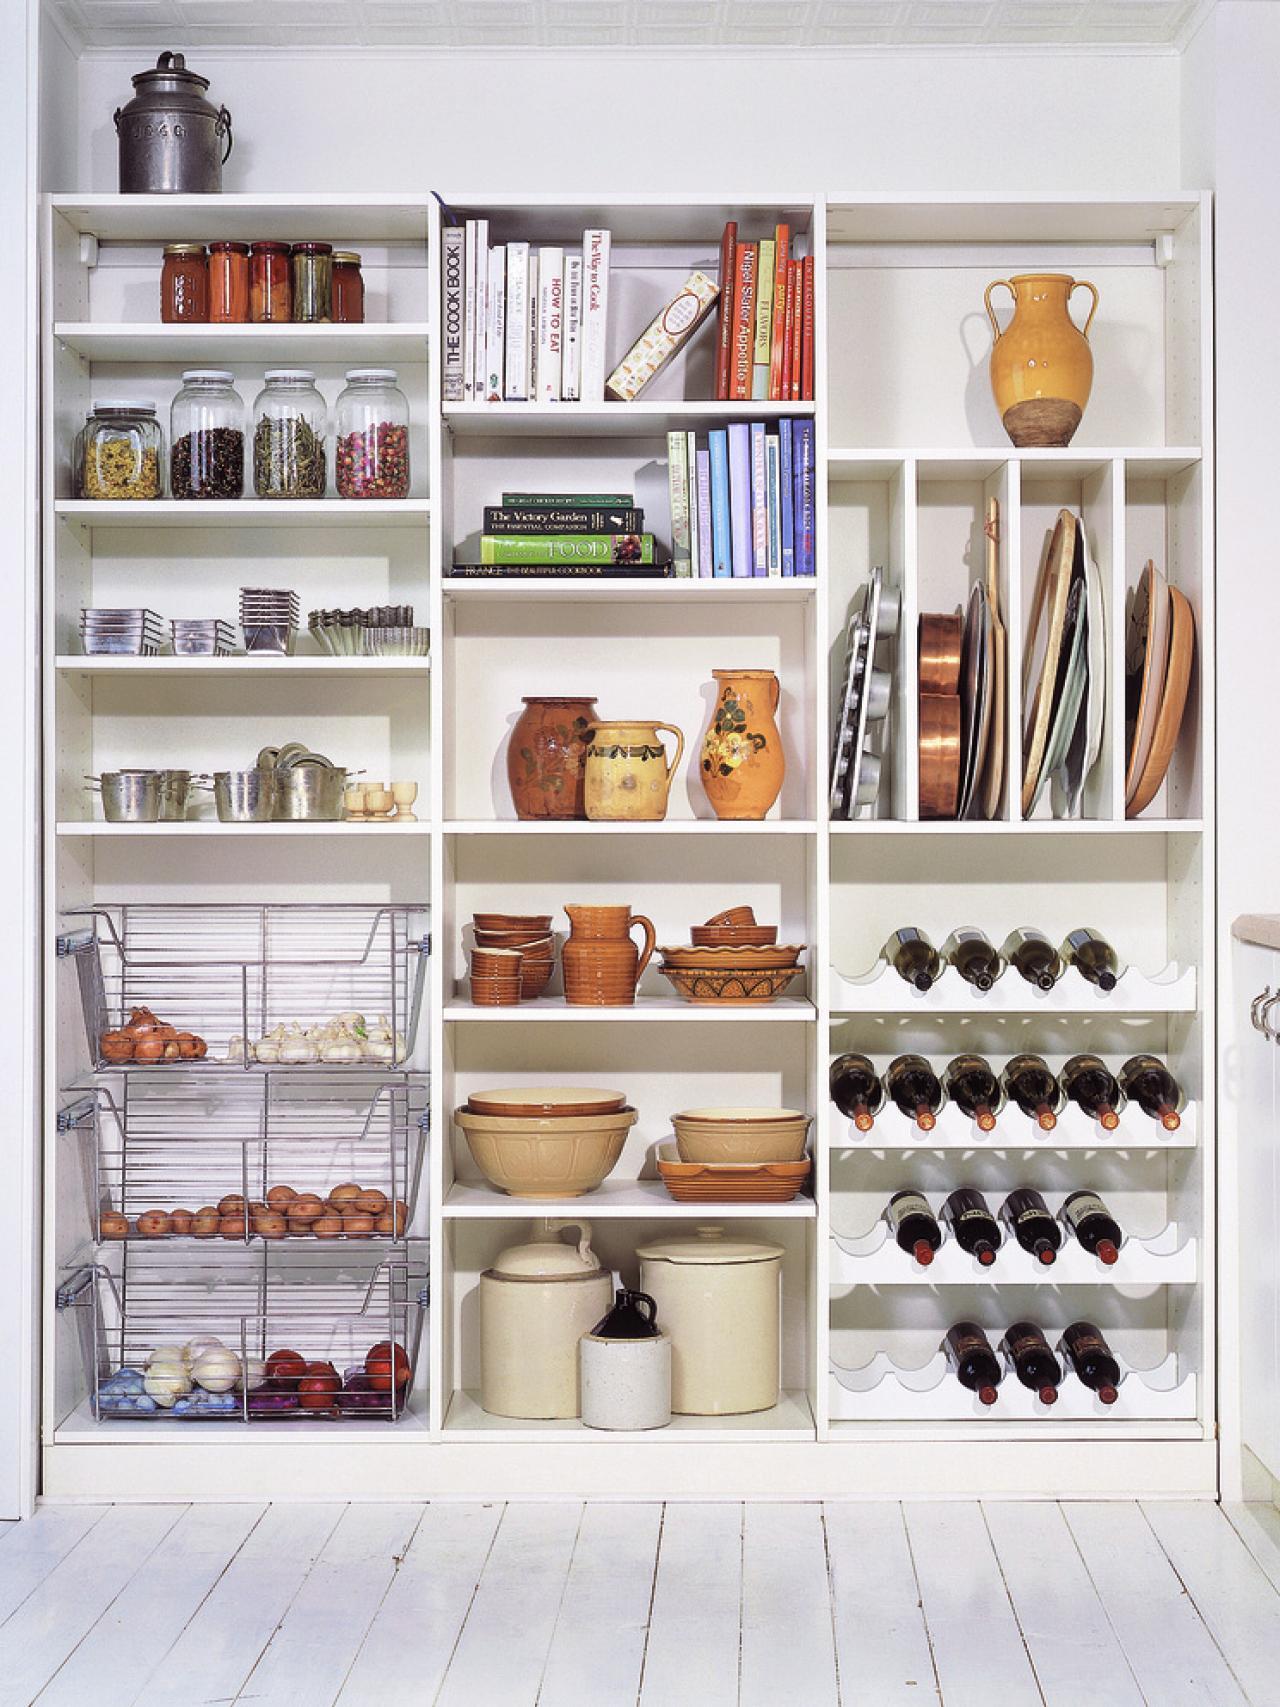 Креативный дизайн системы хранения кухонной посуды и мелких аксессуаров от California Closets HQ